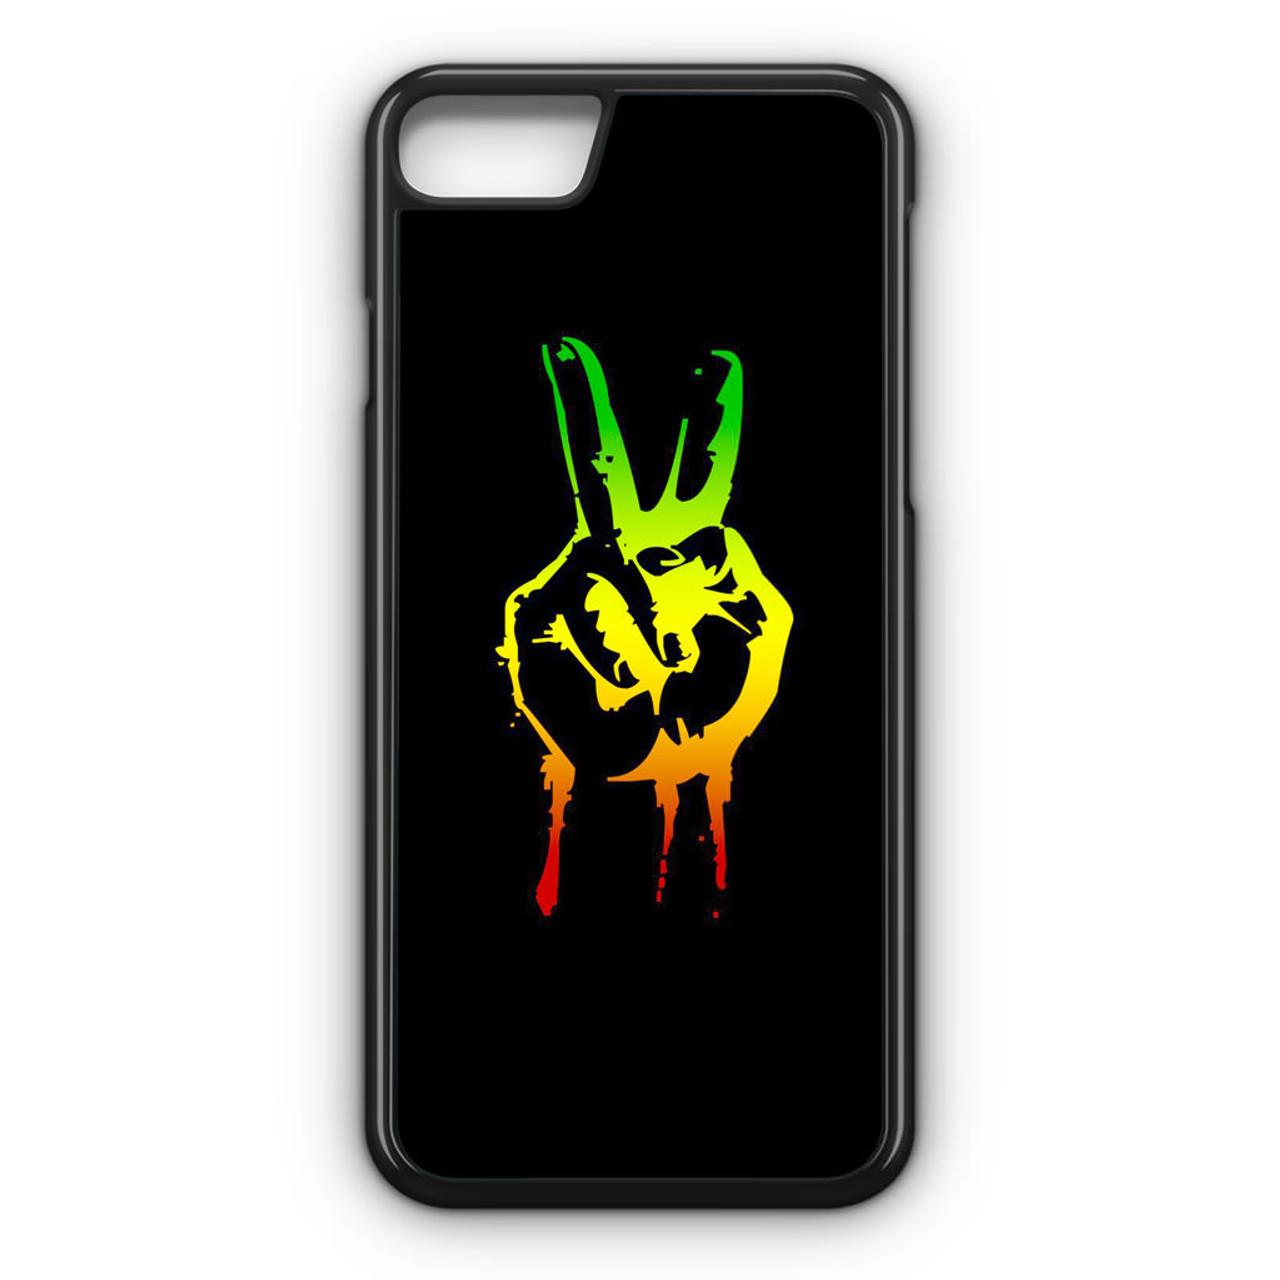 iphone 8 case reggae